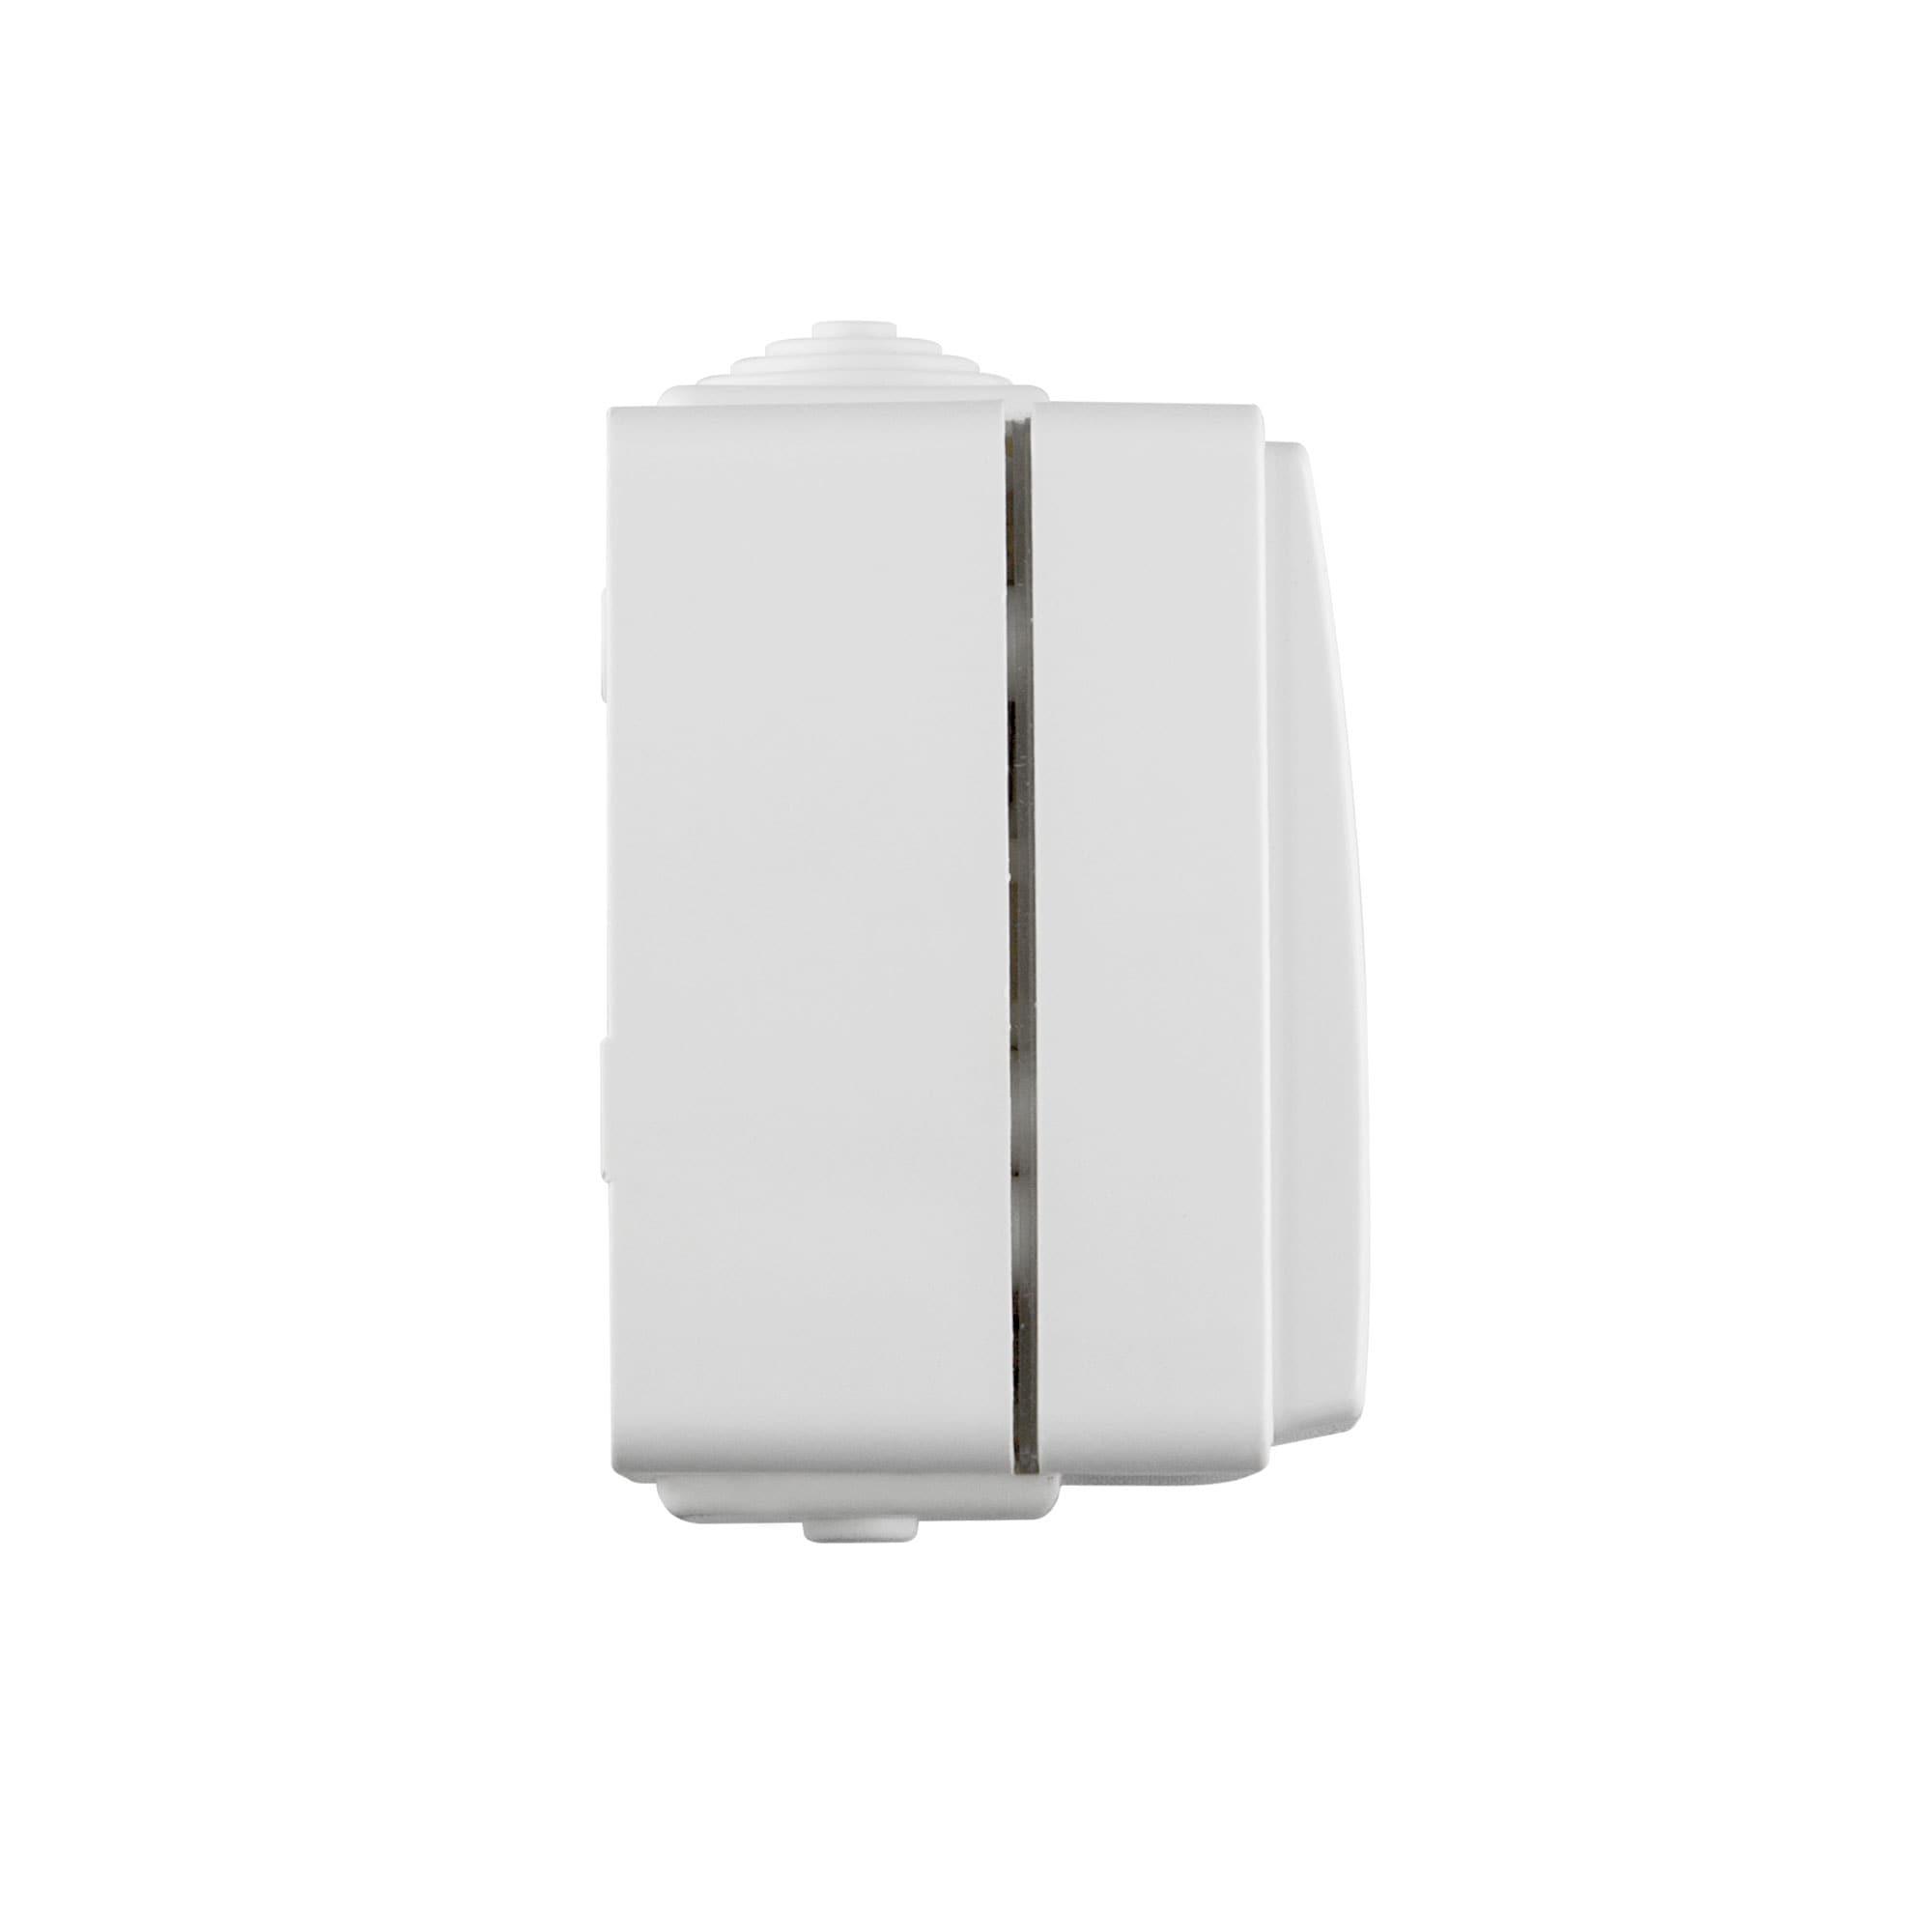 JAROLIFT Rollladen-Wipp-Schalter Rollo-Taster Tast-Schalter Jalousie-Schalter